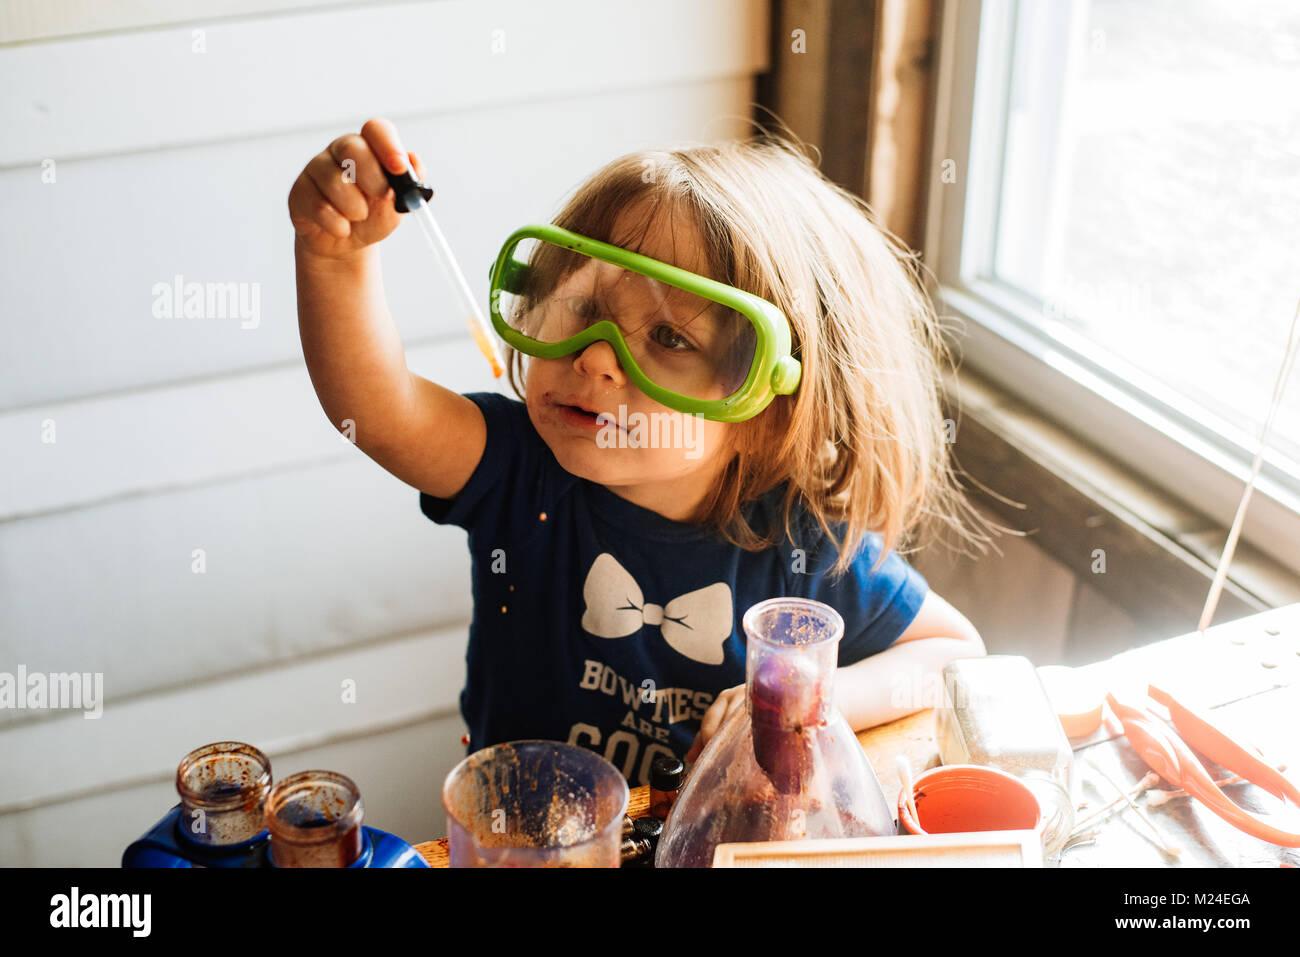 Un niño de 3 años niña trabaja con equipos del experimento de la ciencia Imagen De Stock